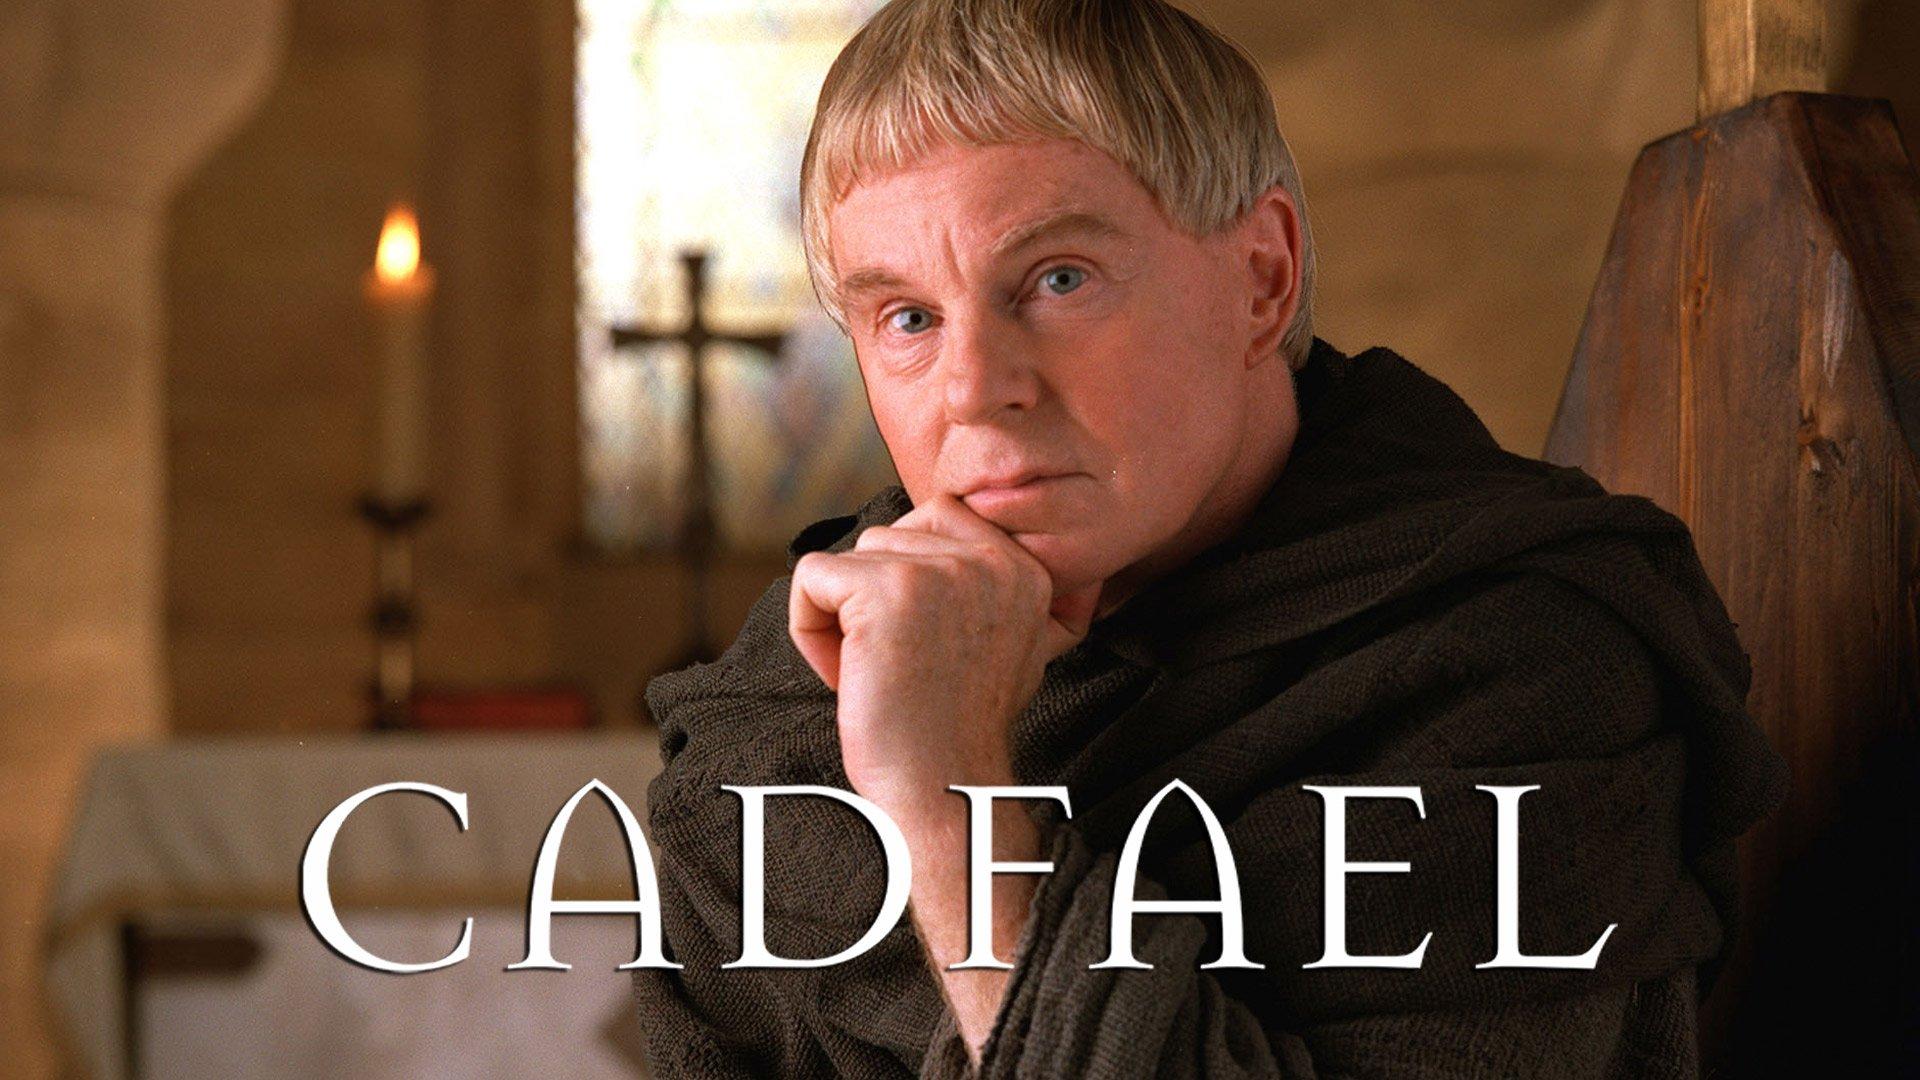 Cadfael on BritBox UK